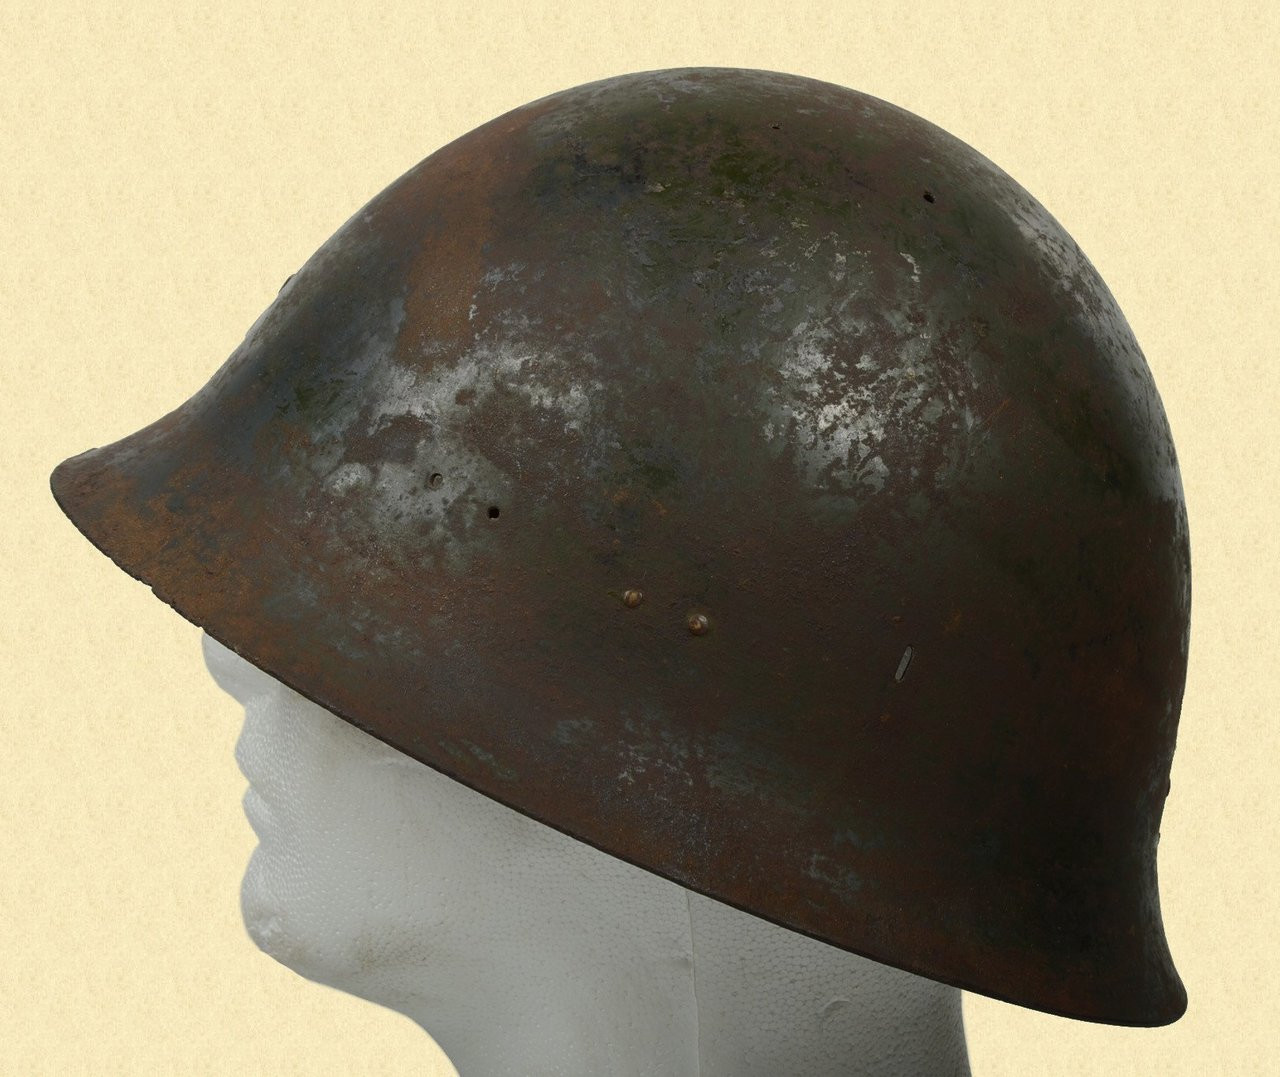 JAPANESE WW2 TYPE 90 HELMET - C18689